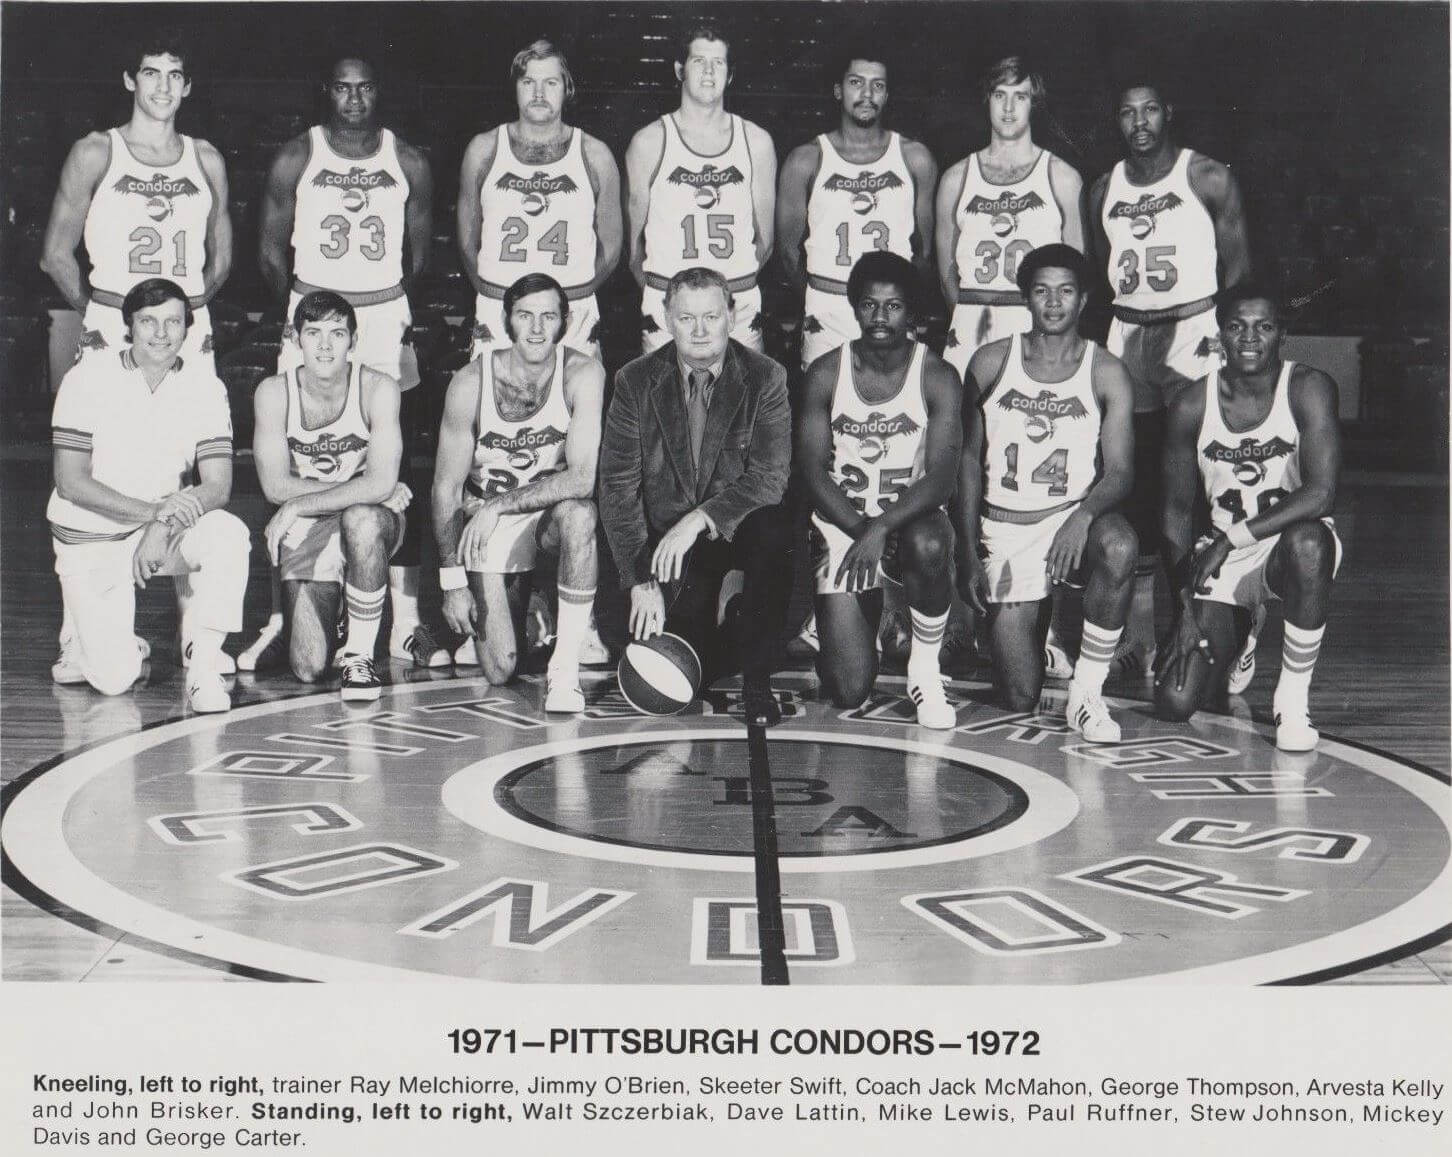 Condors 71-72 Home Team